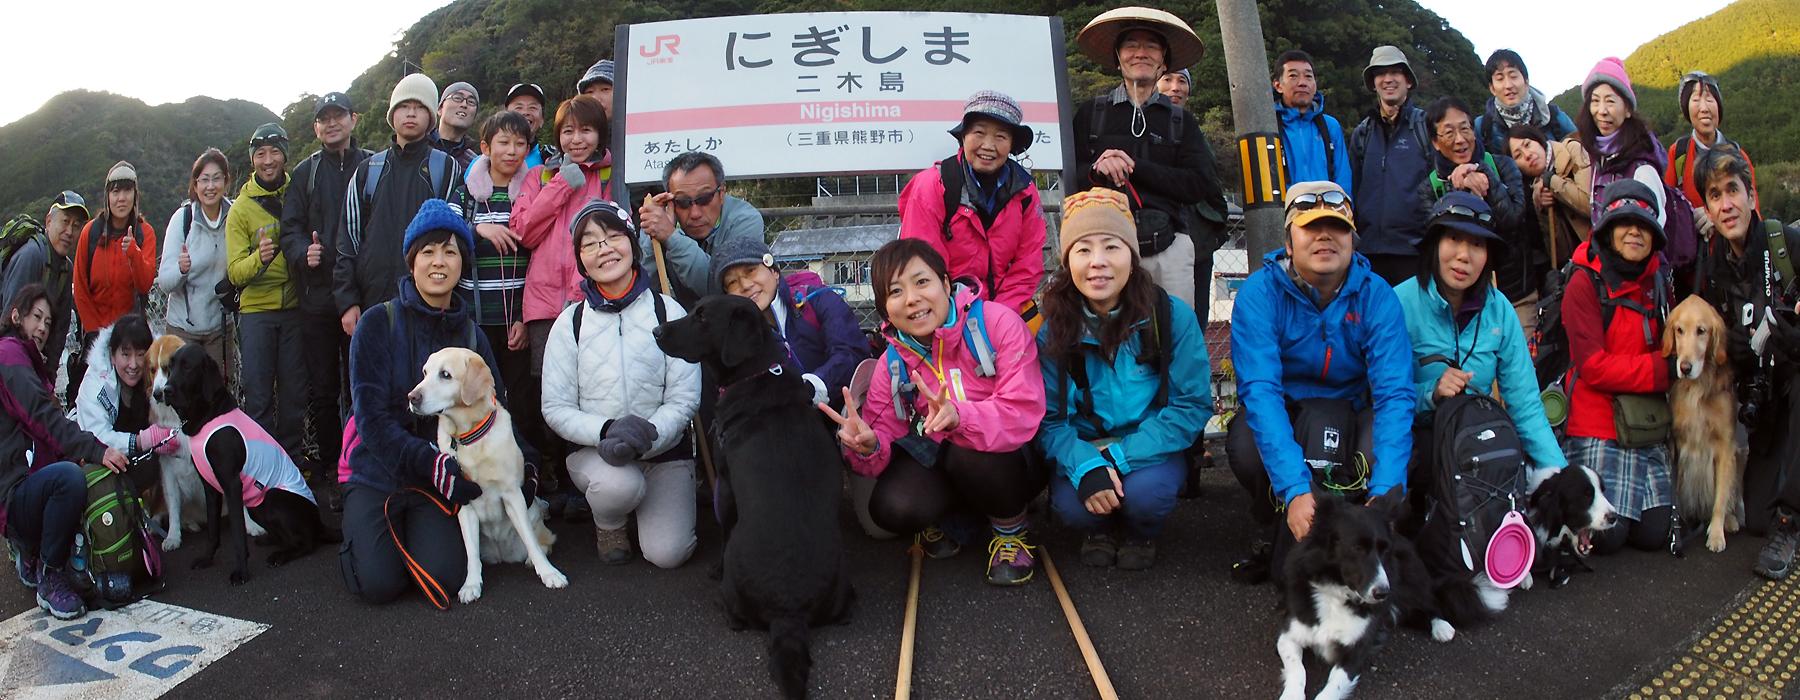 熊野古道ガイドツアー参加者と愛犬の集合写真、二木島駅ホームにて